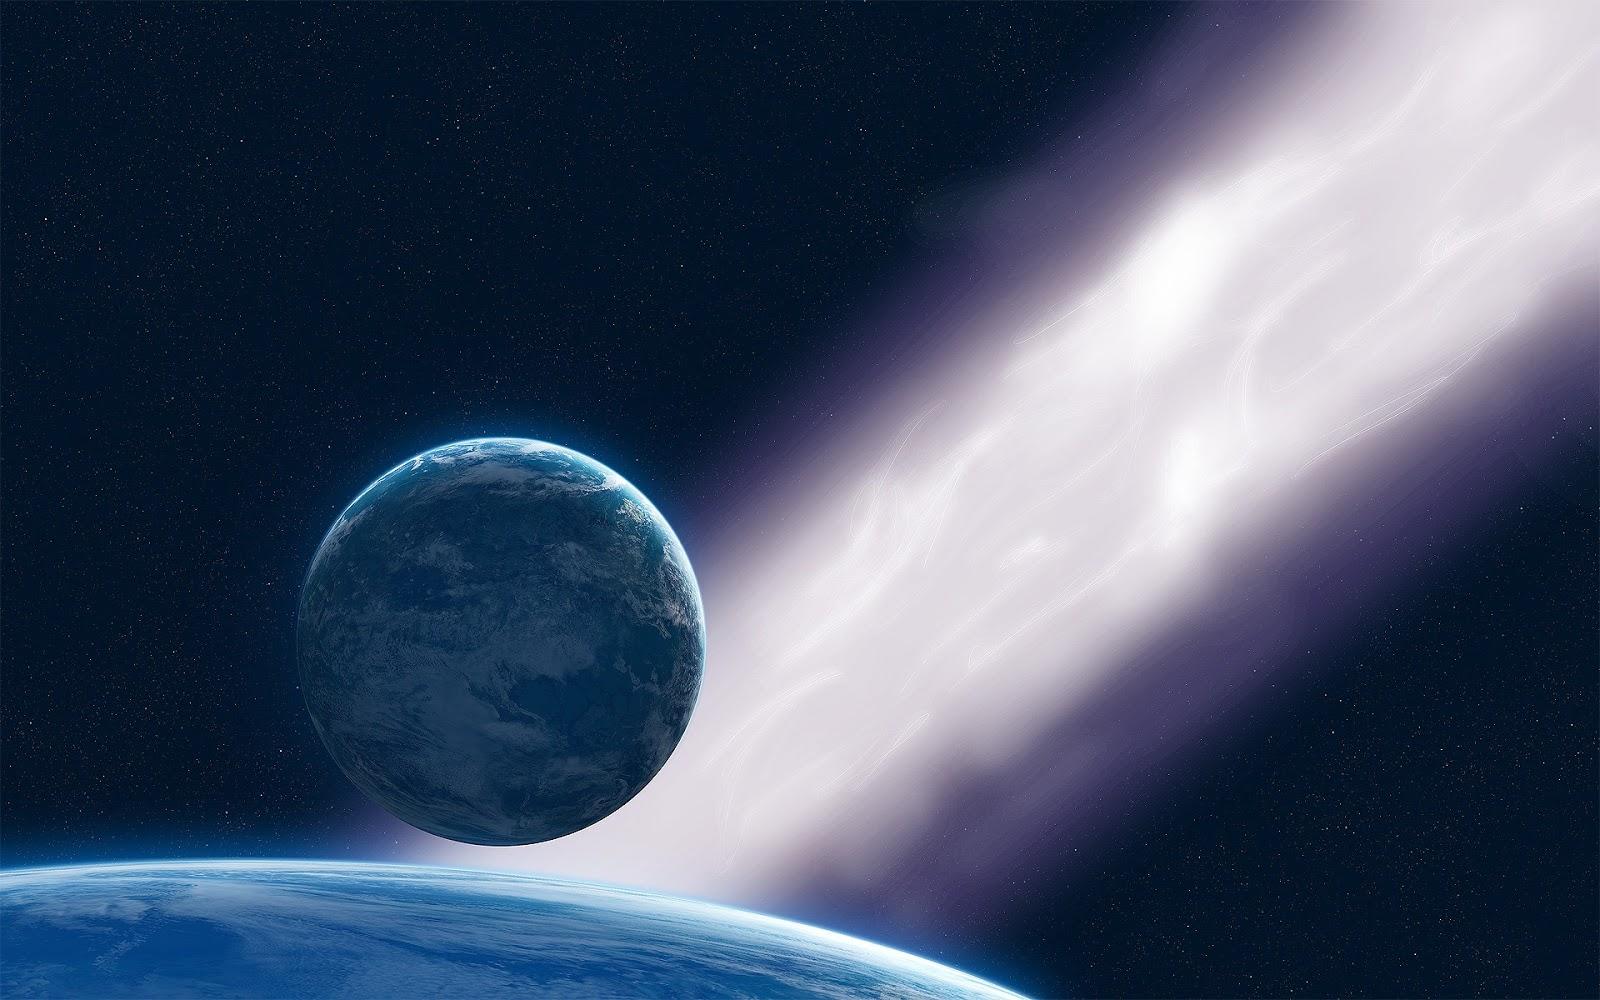 Hd Widescreen Christmas Desktop Wallpaper Desktop Backgrounds 4u Planets